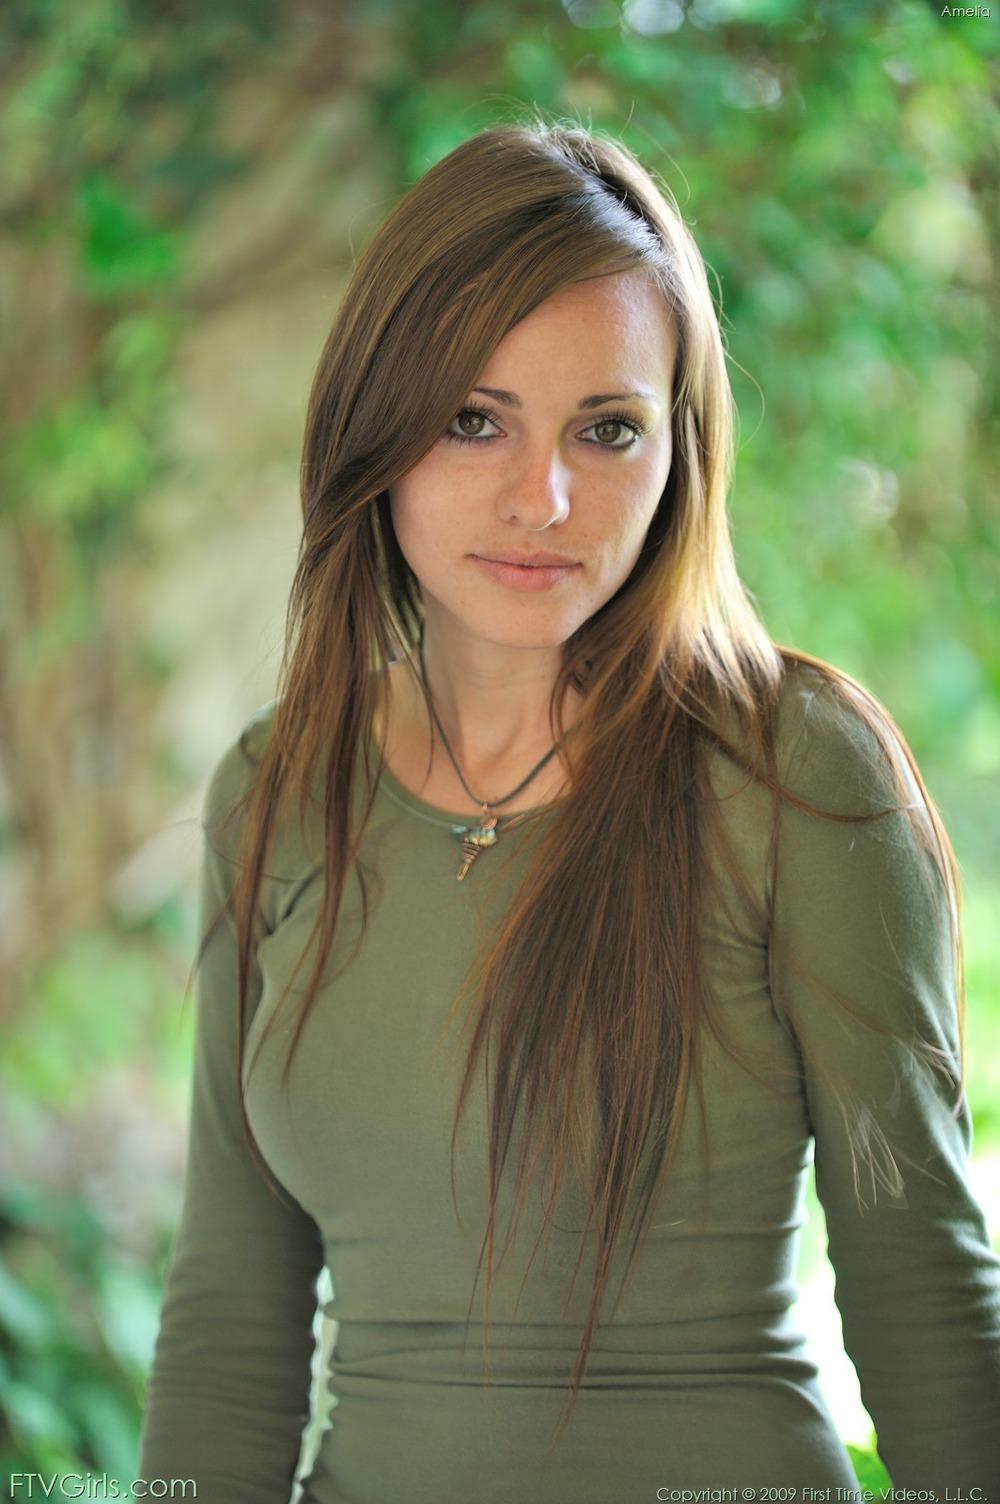 http://content9.novoglam.com/ftvgirls.com/6708/01.jpg